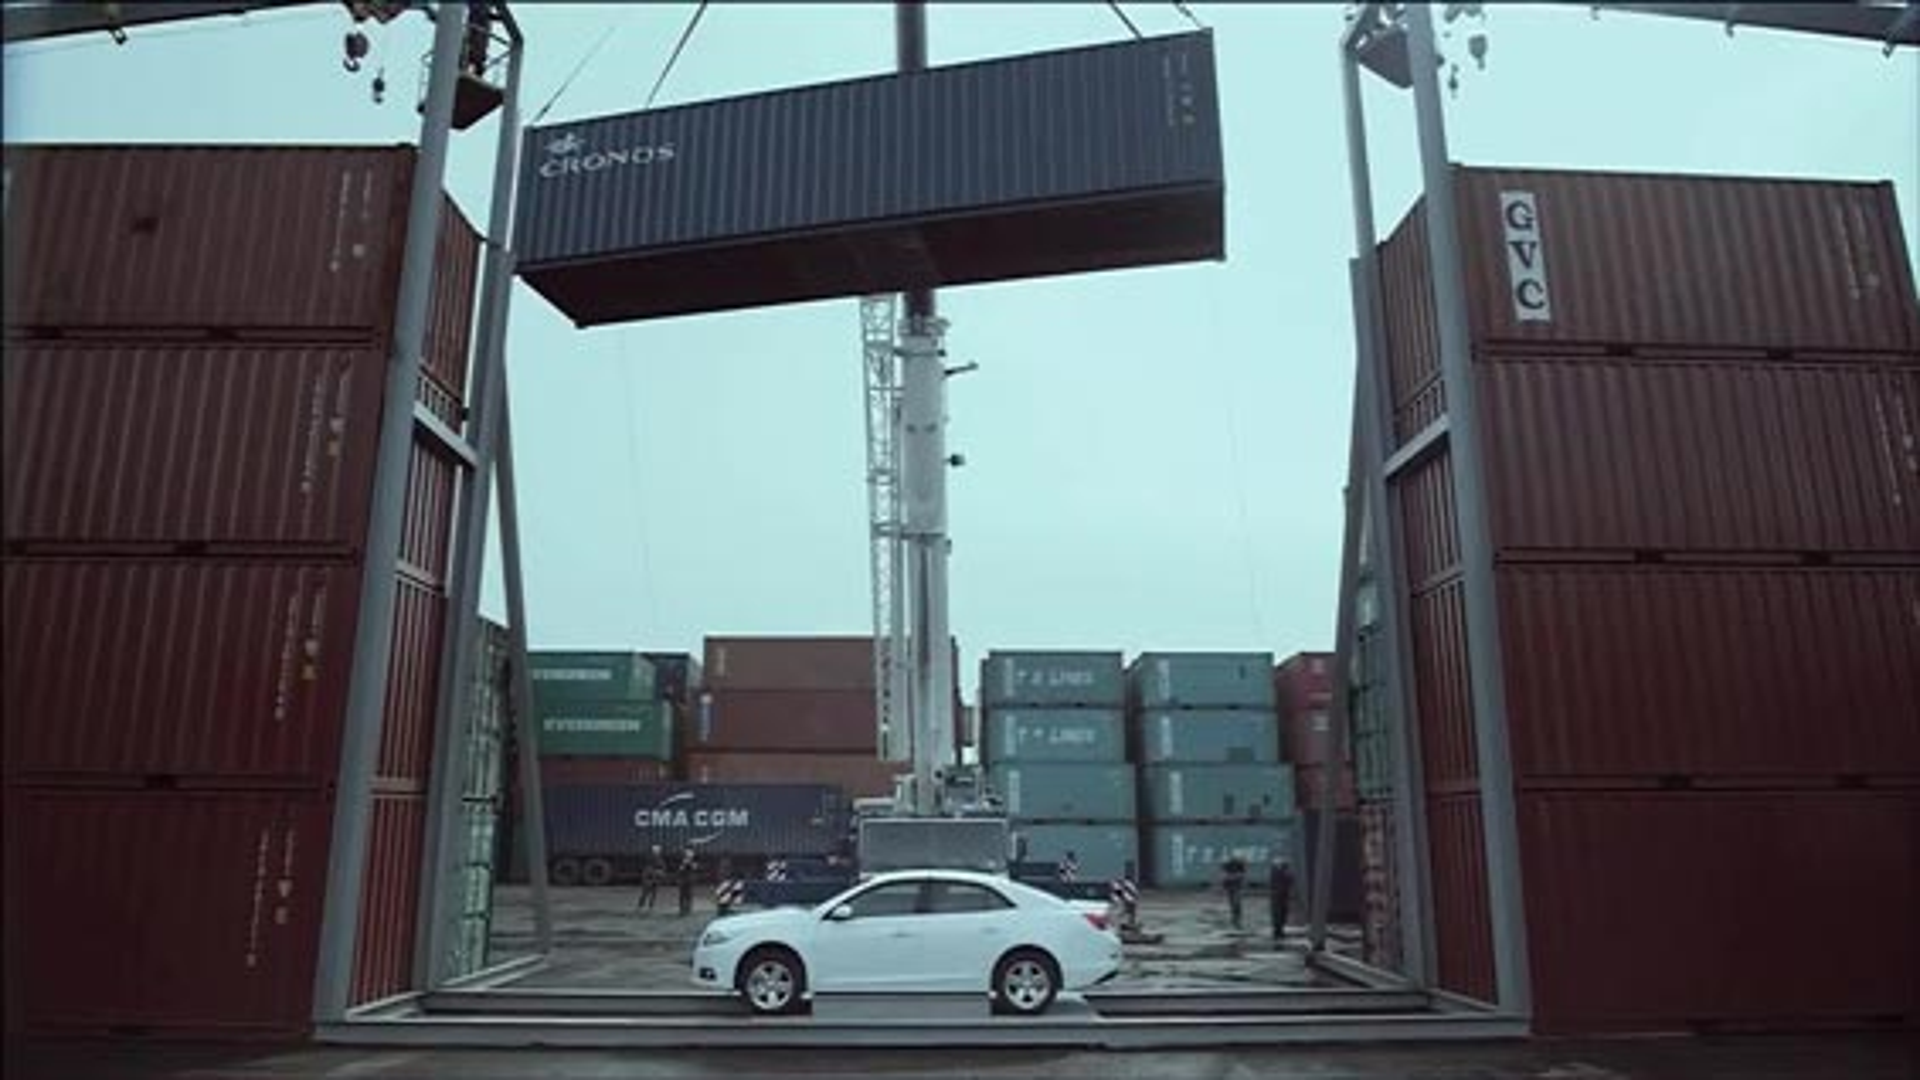 تست مقاومت سقف خودرو شورولت مالیبو زیر 16 تن فشار   فیلم